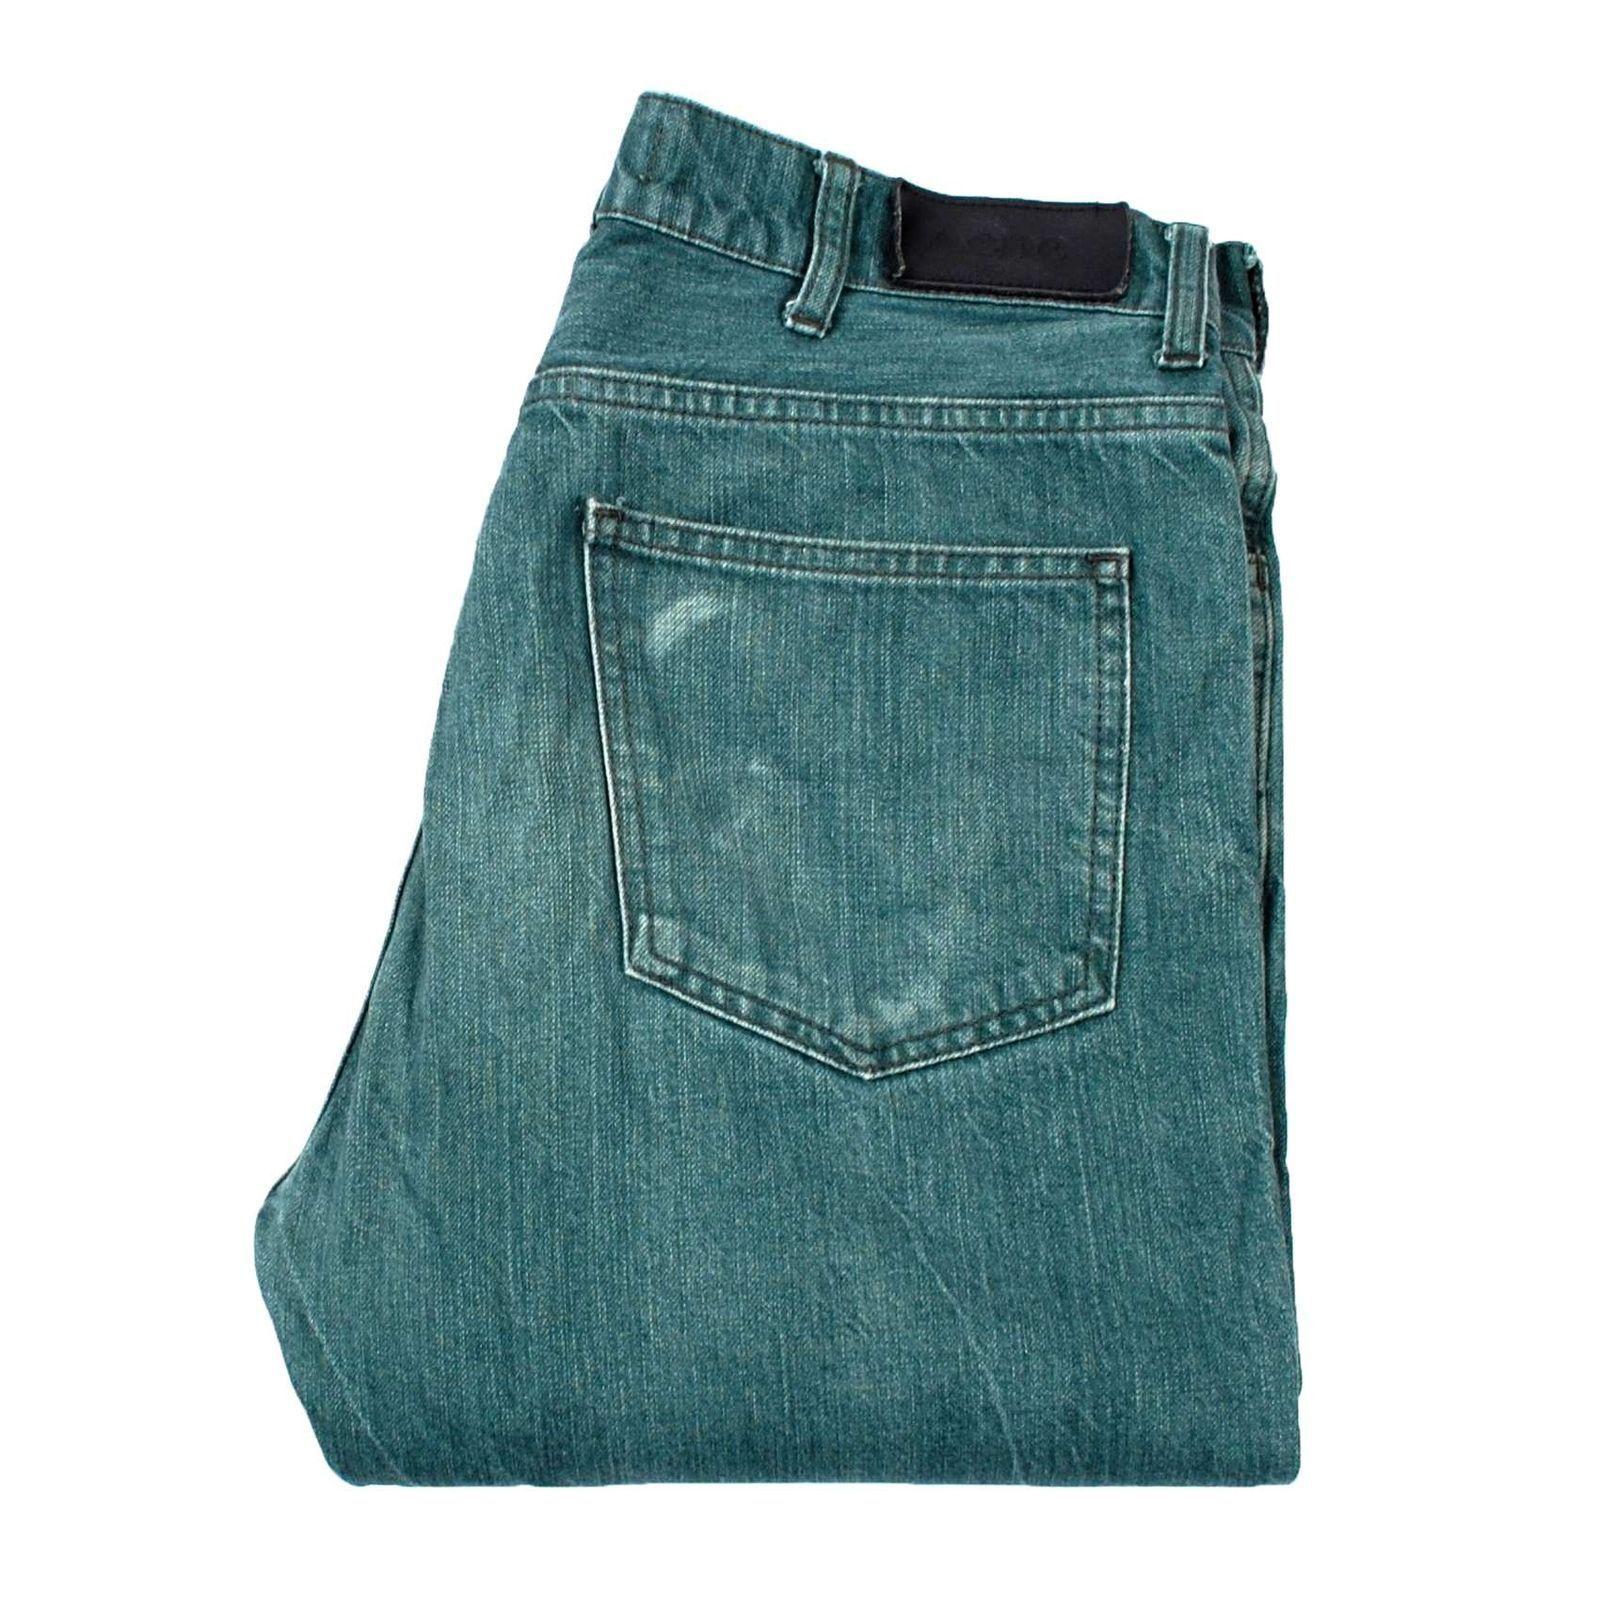 Acne Röhrenartig Raw E Enge Passform Grün Herren Jeans Größe 48    Haltbarkeit    Verschiedene Stile und Stile    Niedriger Preis und gute Qualität